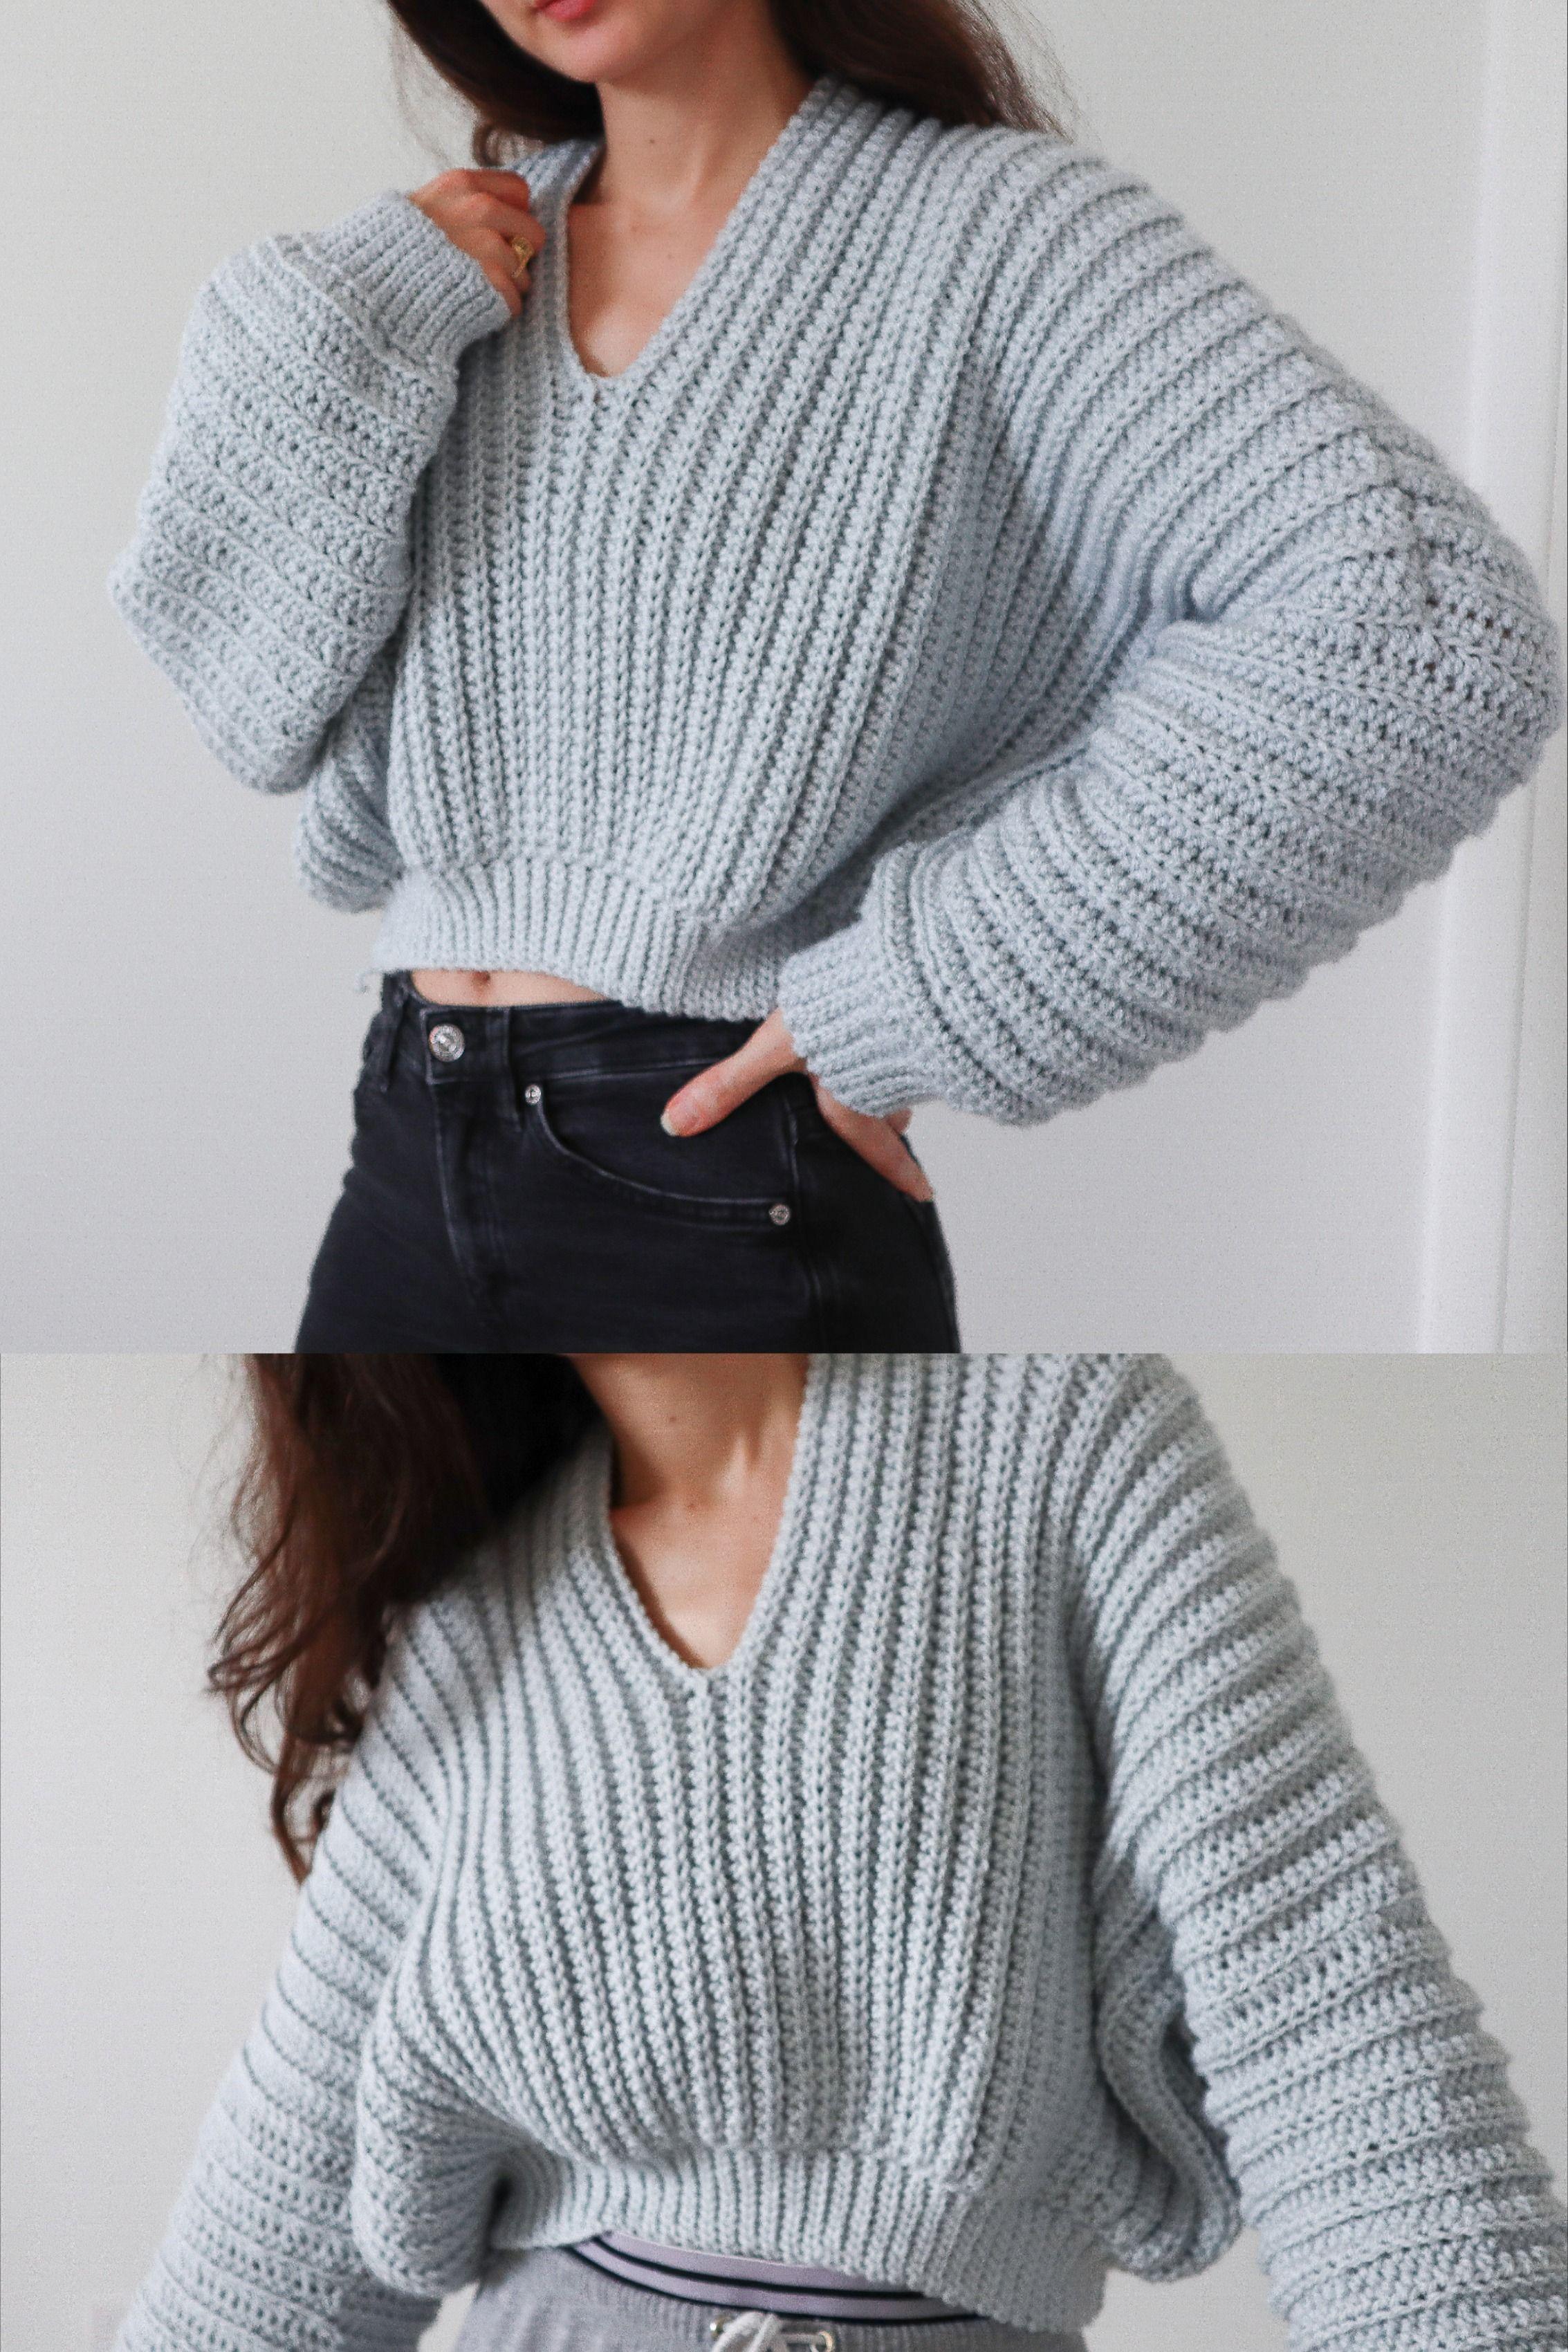 Super Slouchy Sweater - Crochet Pattern